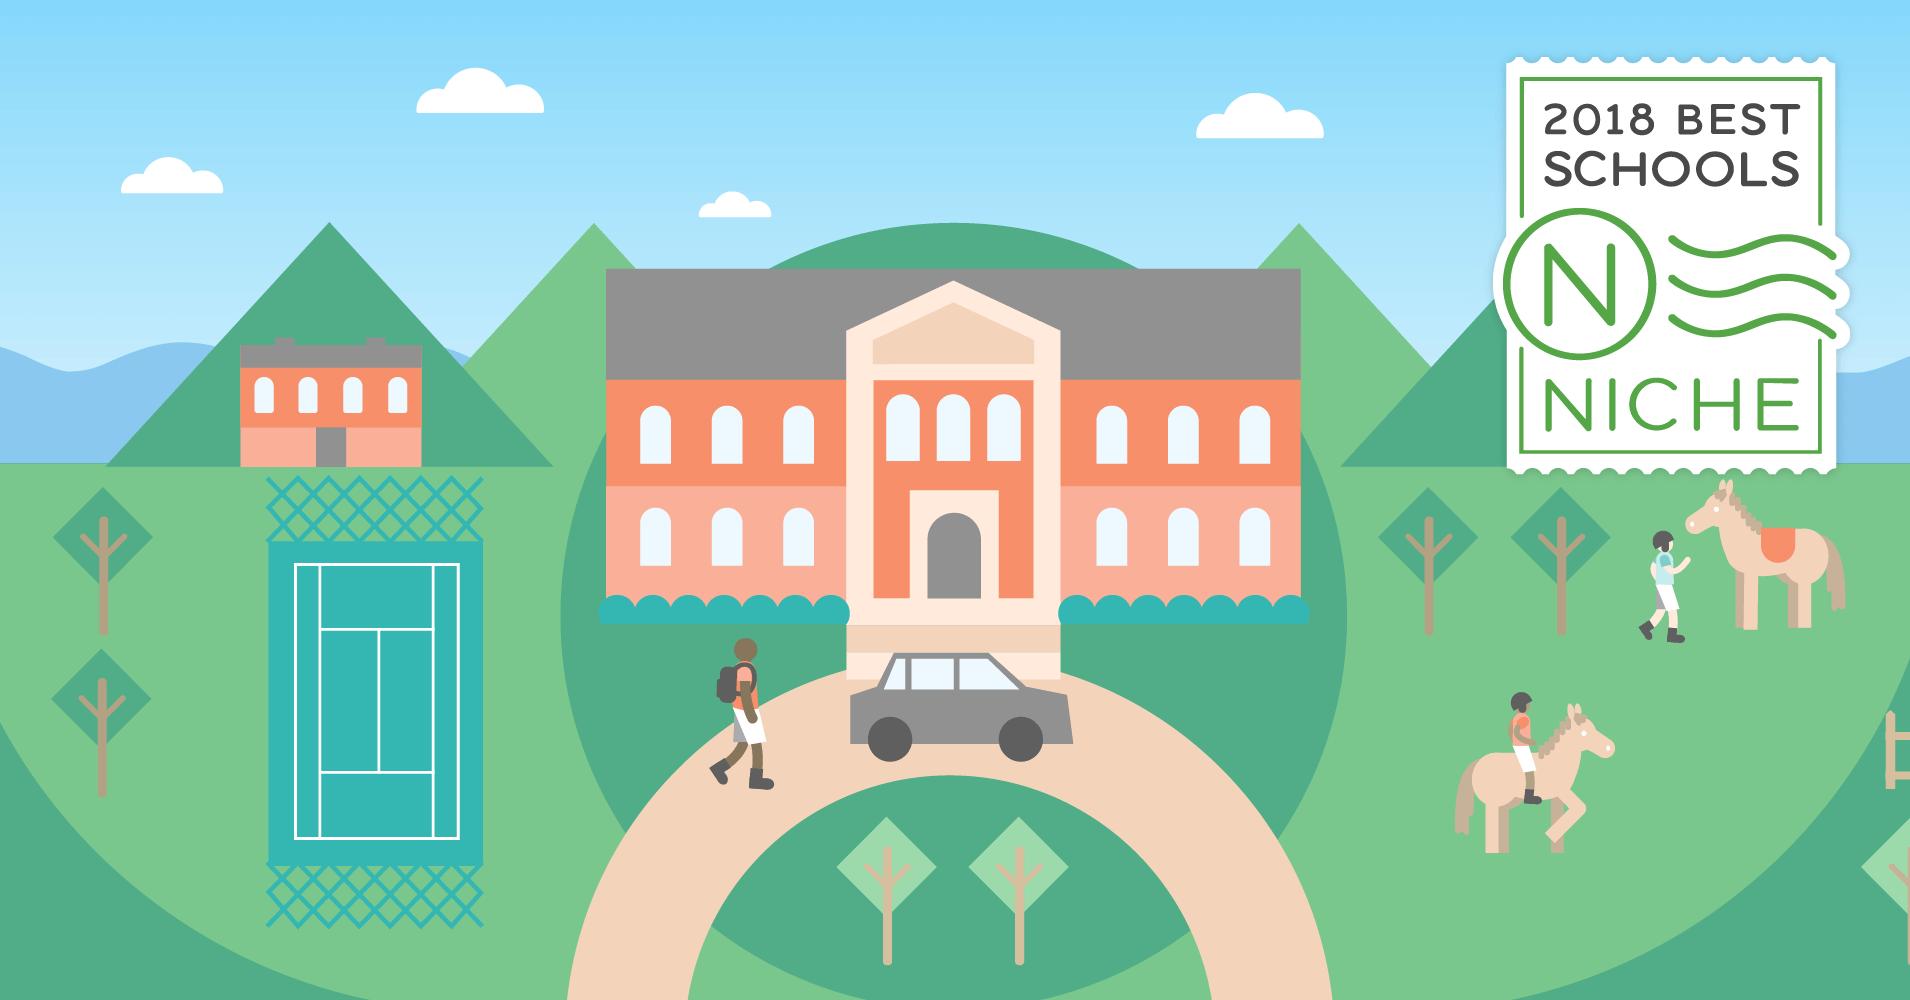 Best Boarding Schools In America Niche - Easily coolest school world